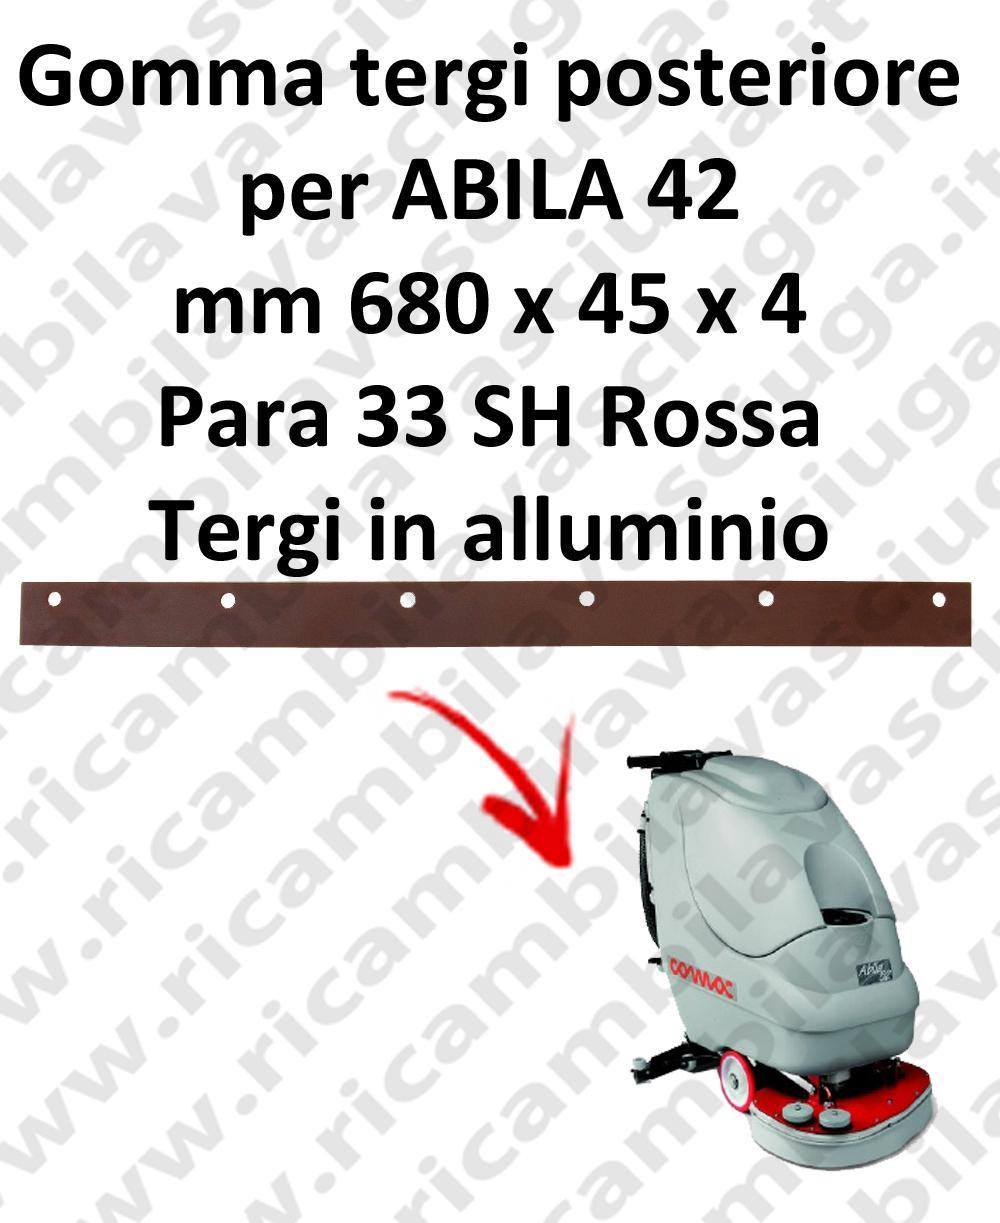 ABILA 42 goma de secado trasero para COMAC repuestos fregadoras squeegee